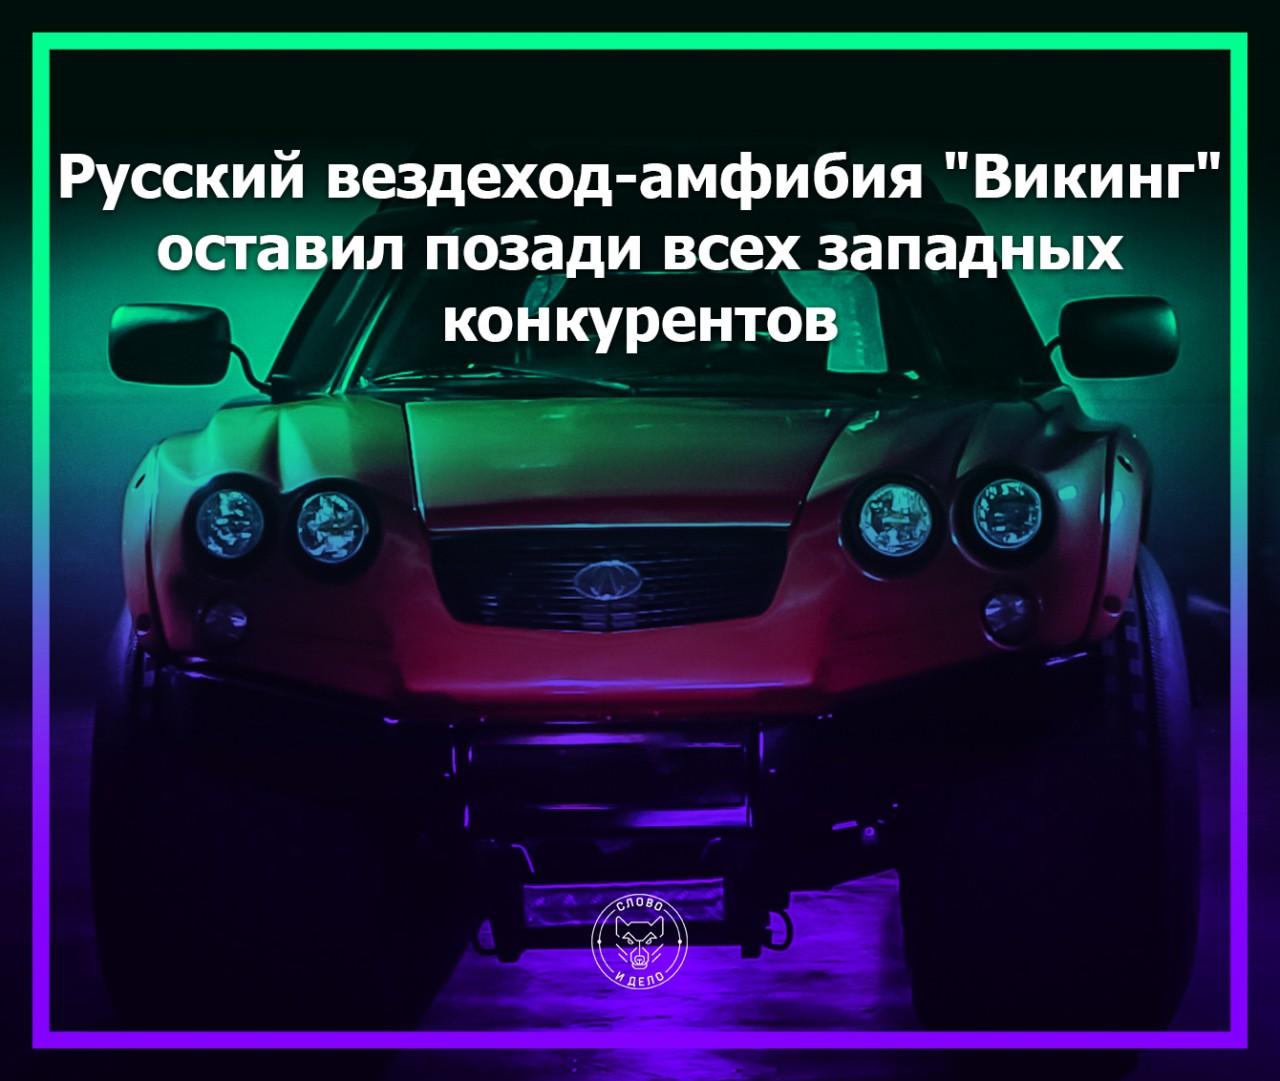 """Российский вездеход-амфибия """"Викинг"""" оставил позади всех западных конкурентов"""